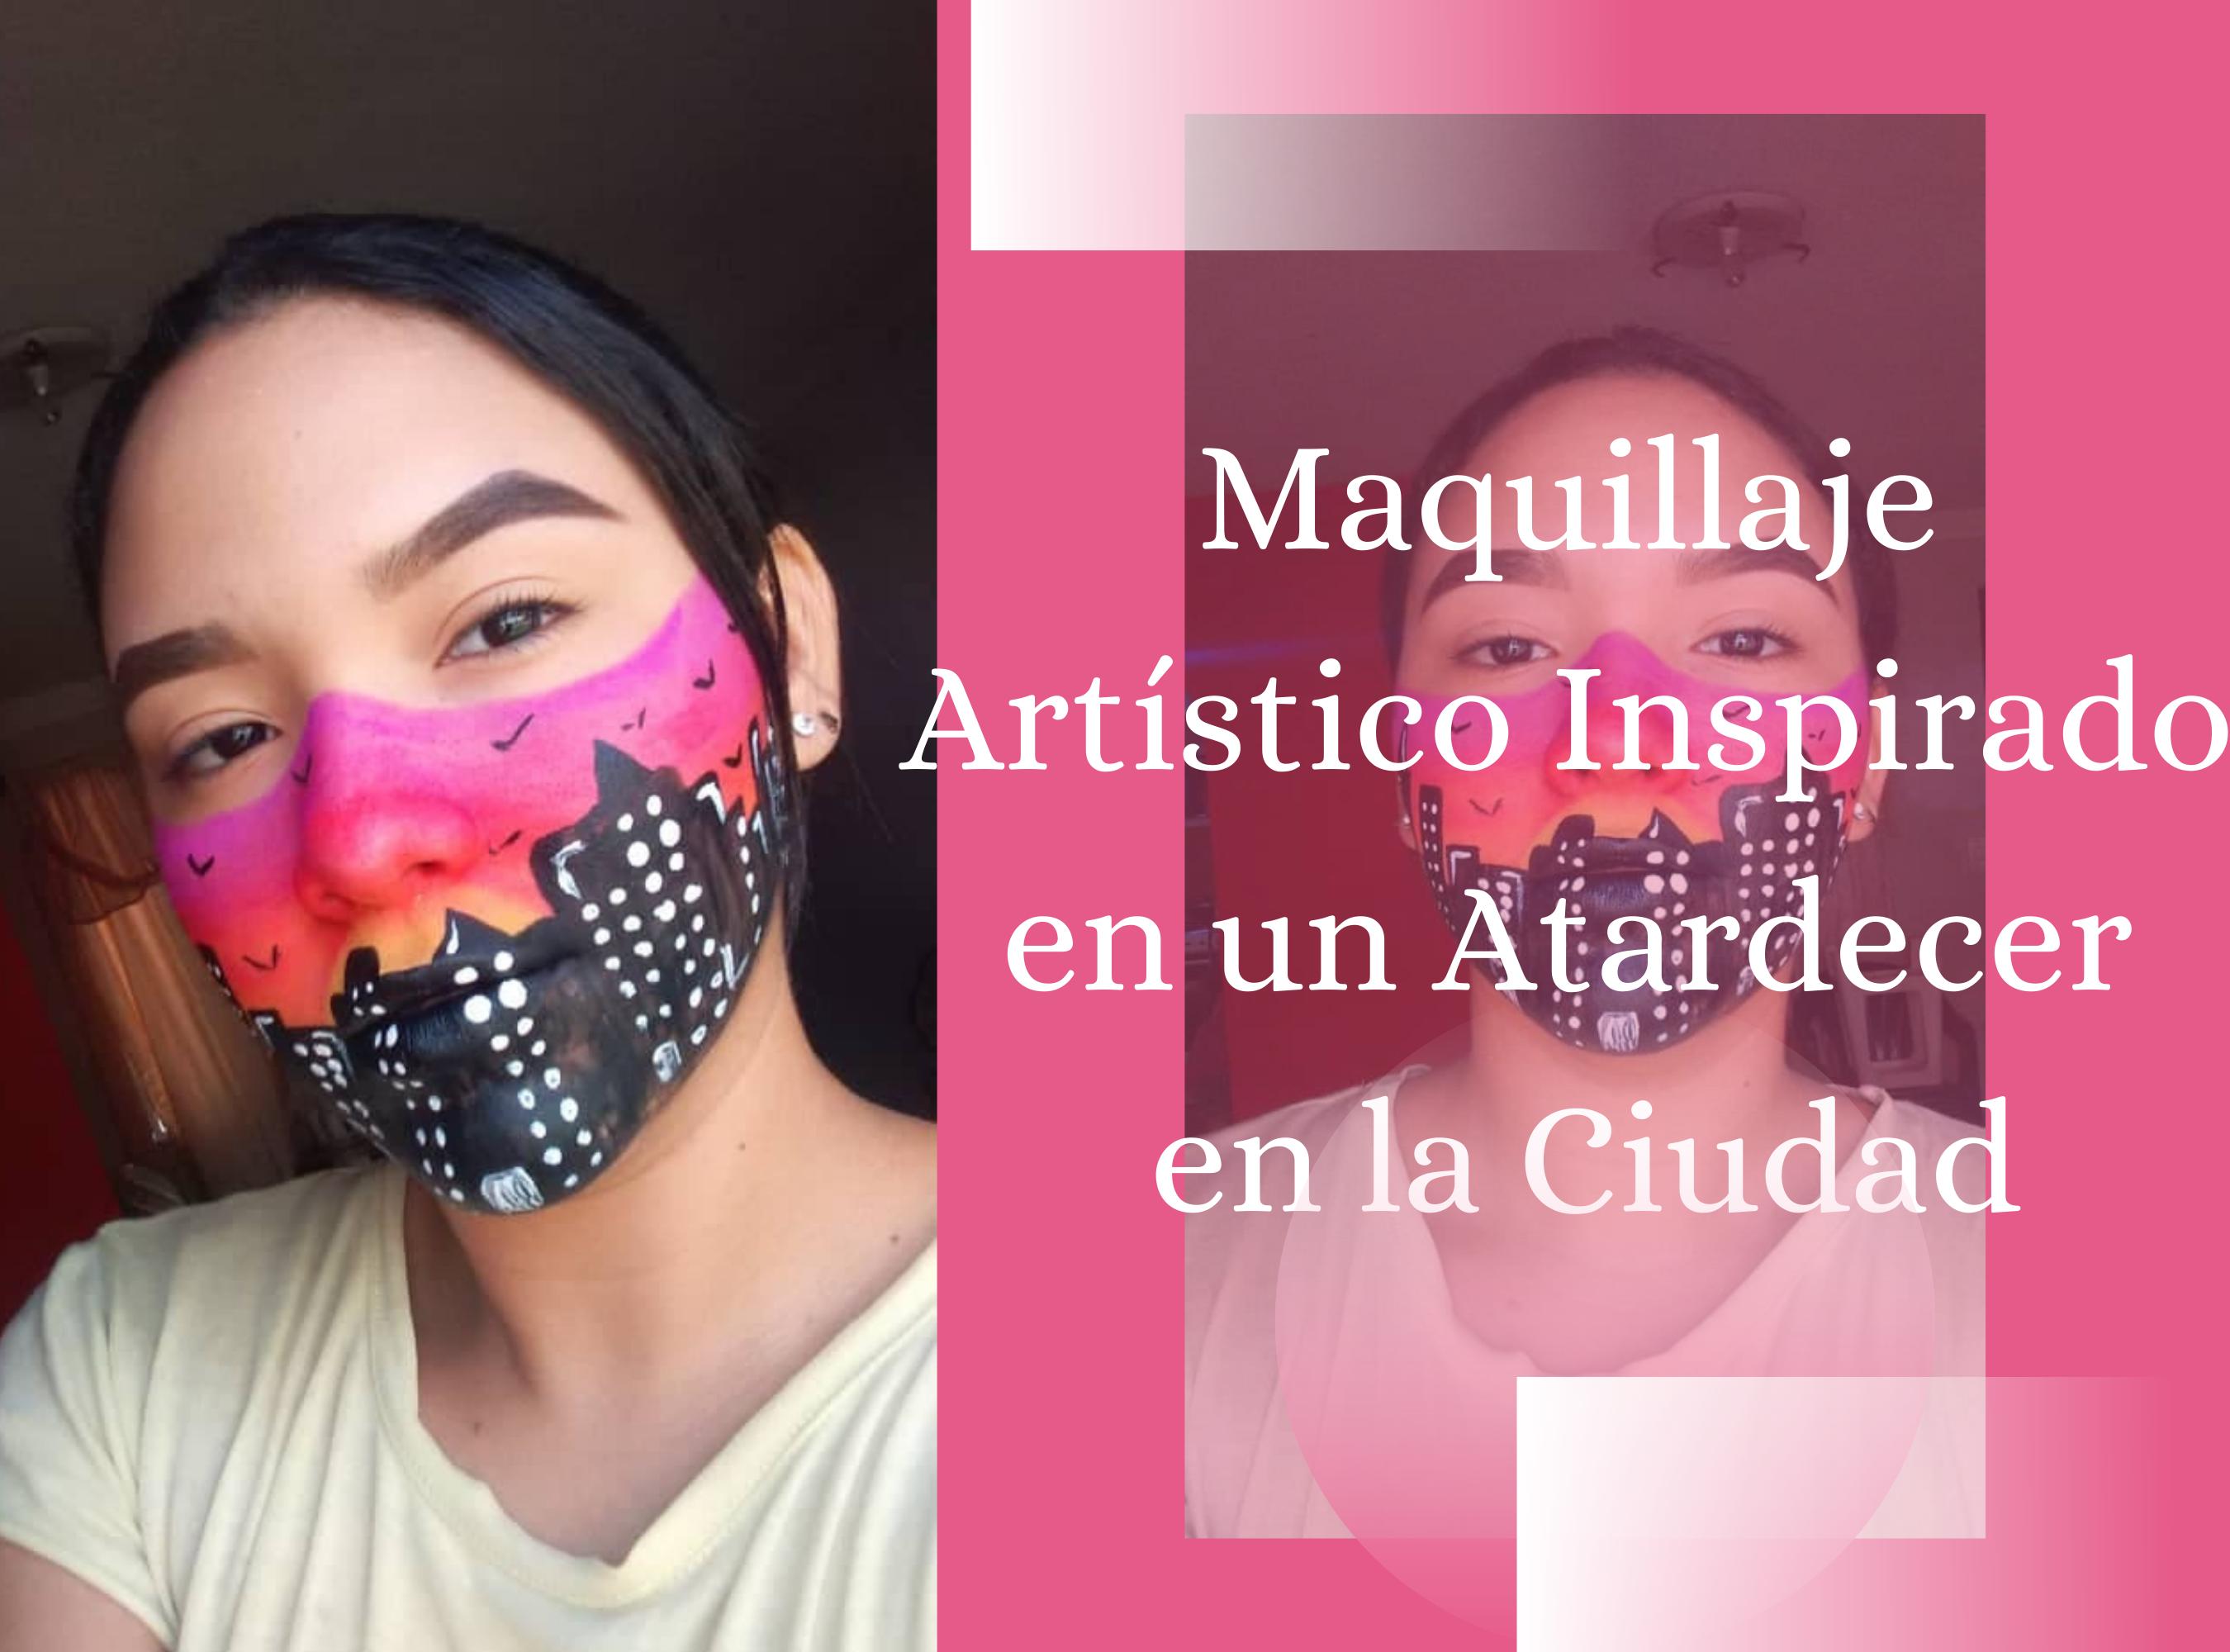 Maquillaje Artístico Inspirado en un Atrdecer en la Ciudad.png